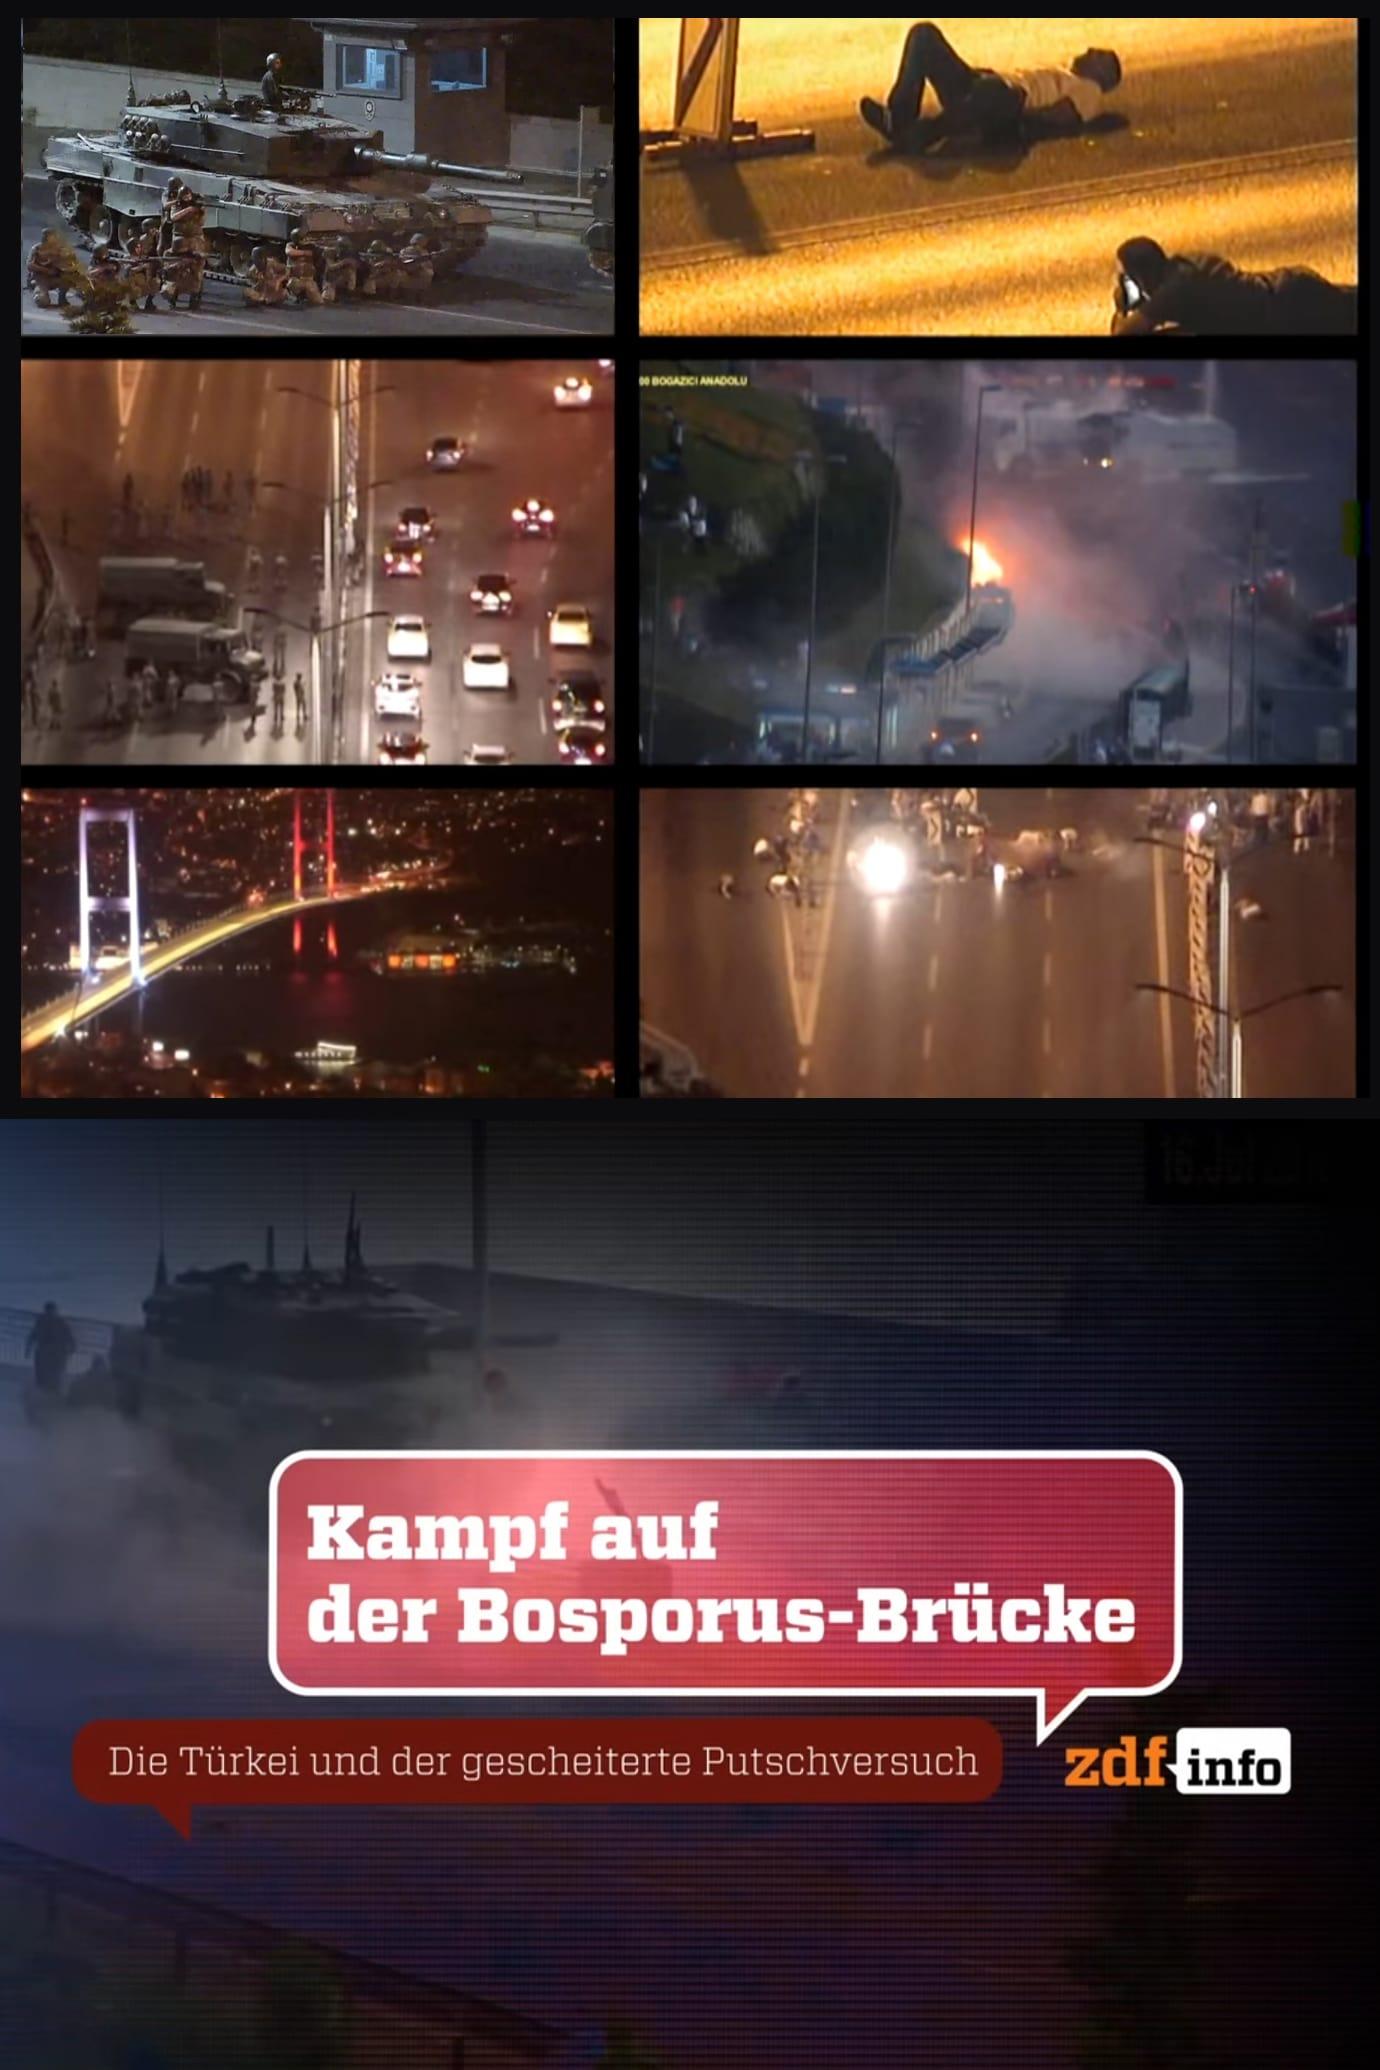 Kampf auf der Bosporus-Brücke - Die Türkei und der gescheiterte Putschversuch